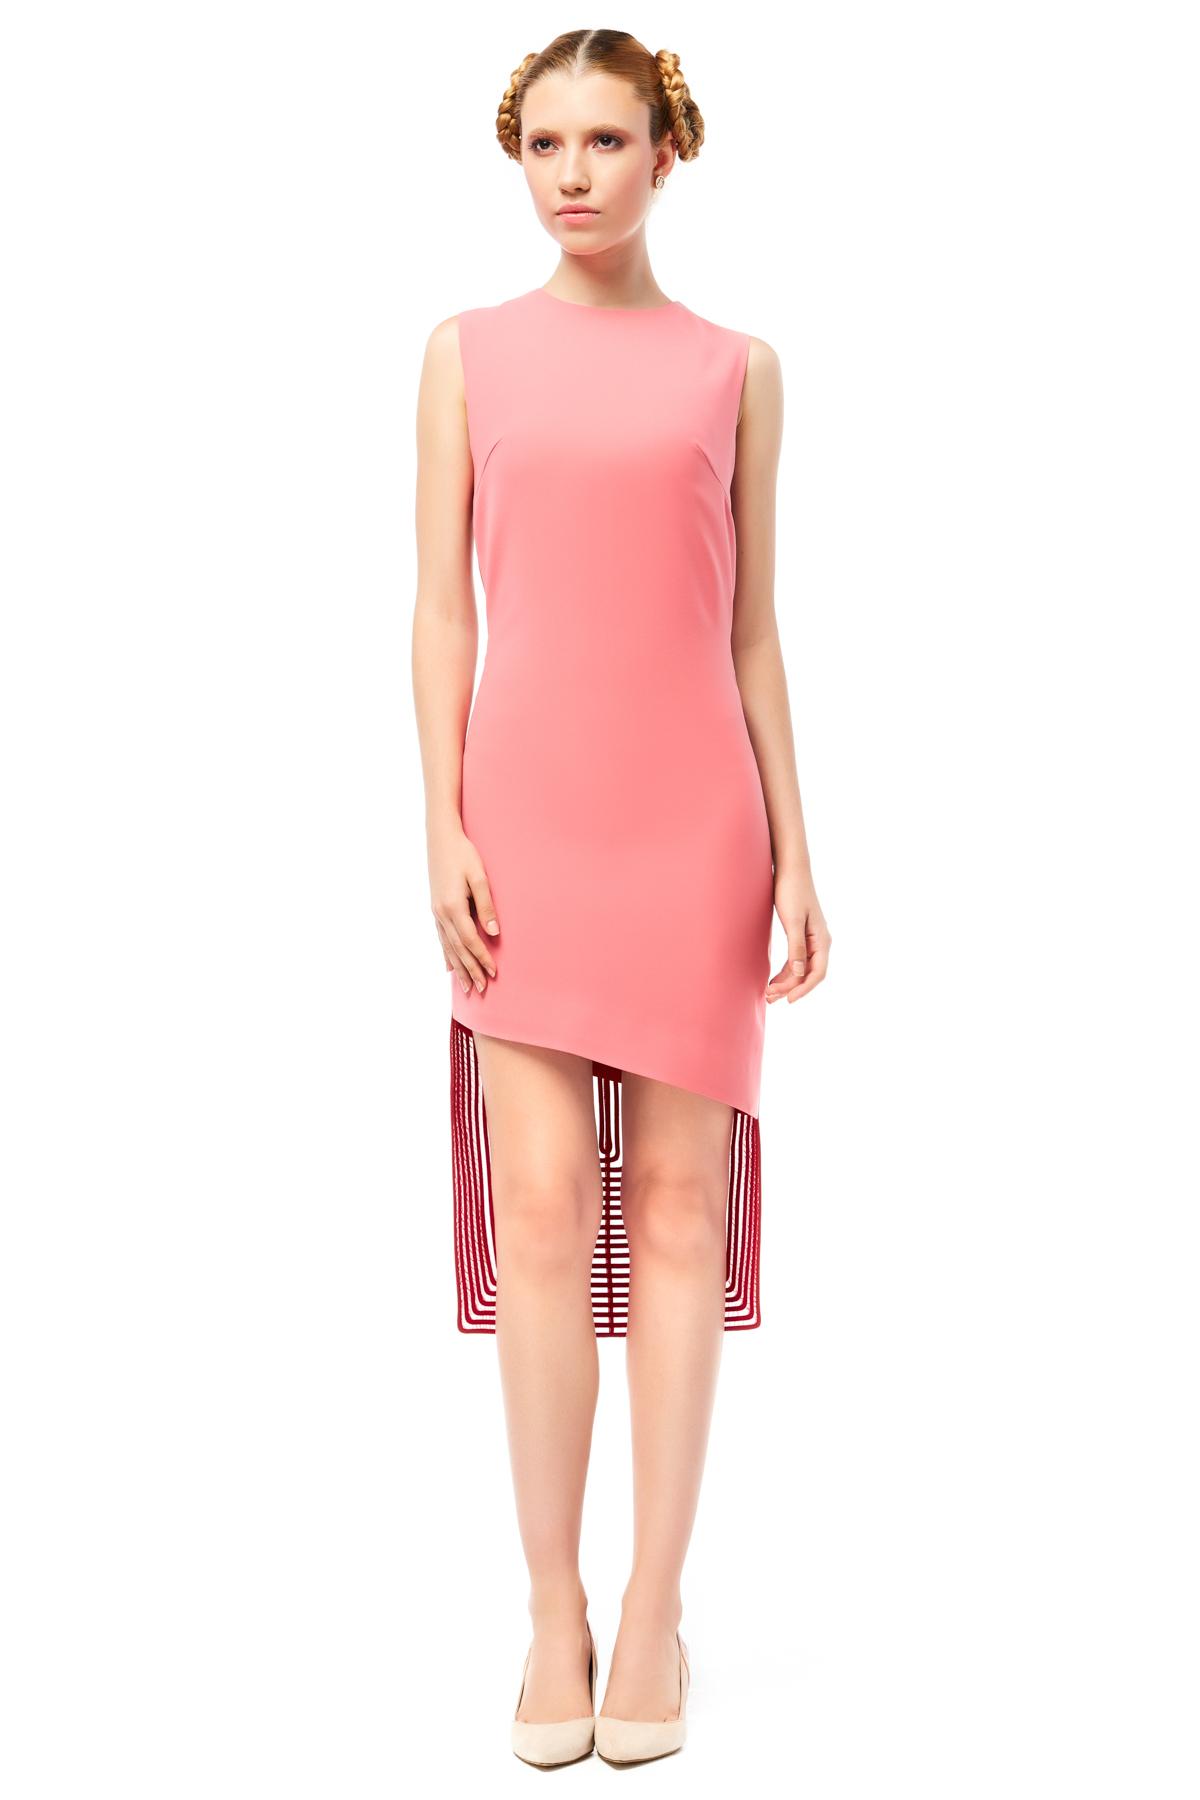 Vela De, dress, pink dress, party dress, designer dress, outfit, fashion, designer clothes, ชุดแบรนด์เนม, เช่าชุด, เดรส, ชุดออกงาน, ชุดปาร์ตี้, ชุดไปเที่ยว